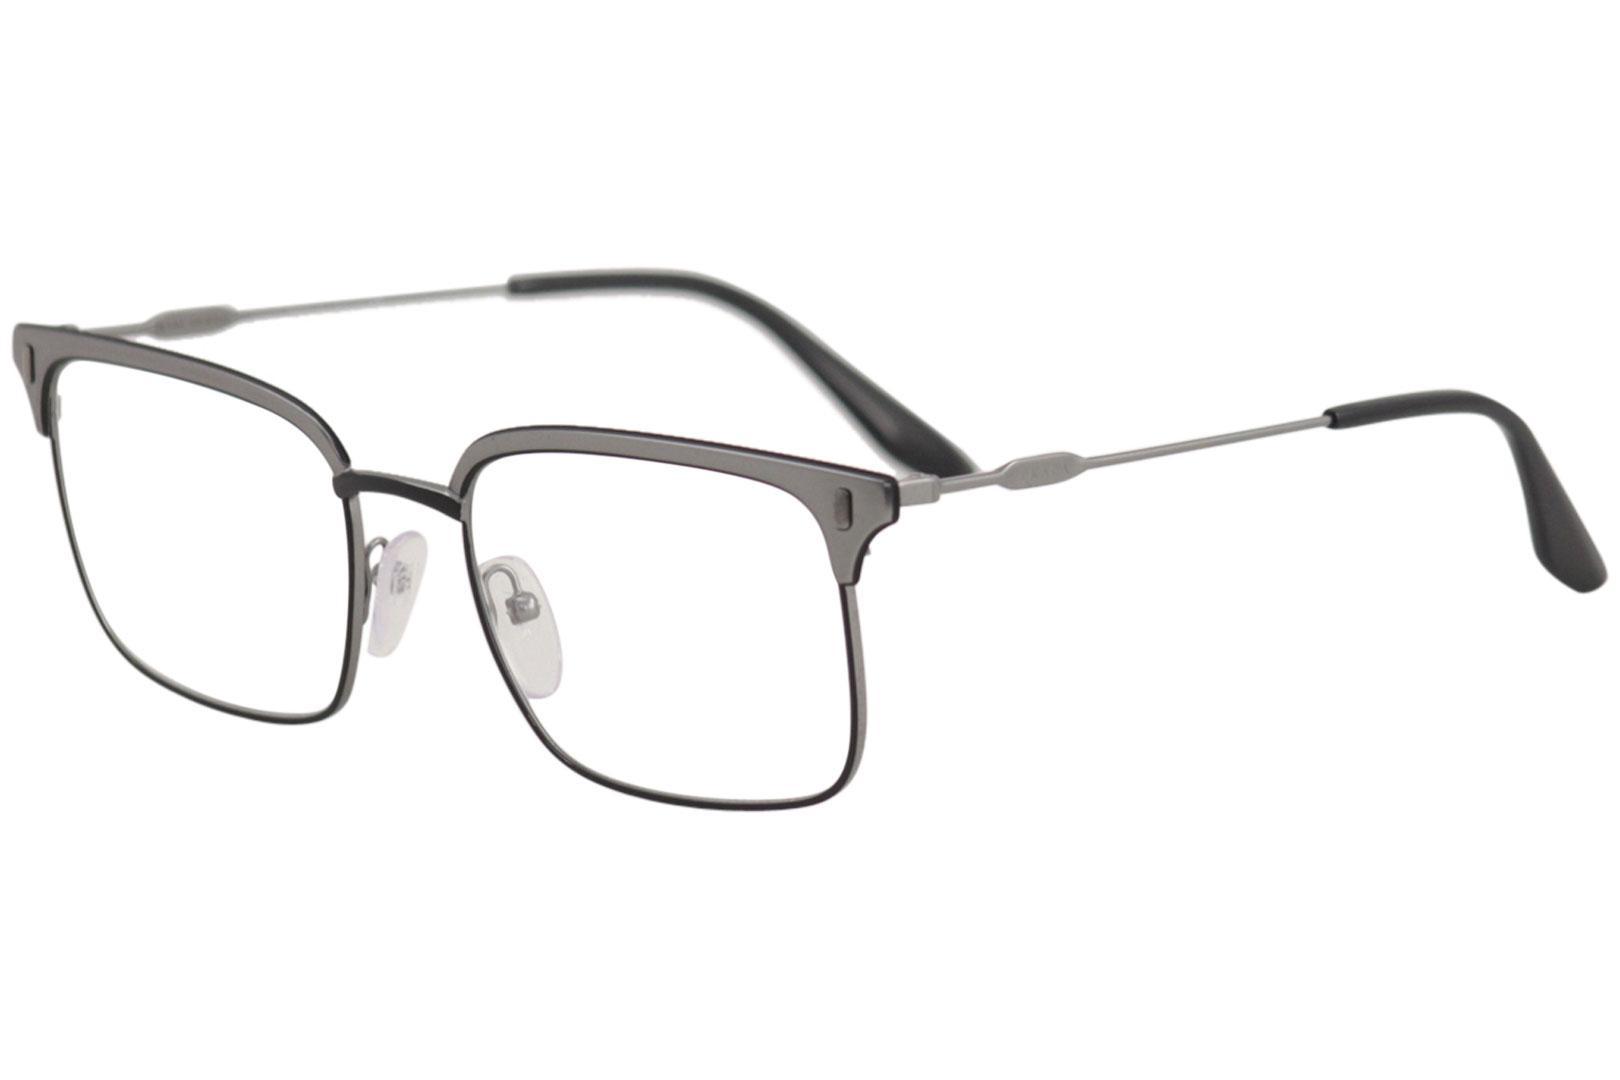 12016b38f6 Prada Eyeglasses VPR55V VPR 55 V 278 1O1 Matte Black Gunmetal ...